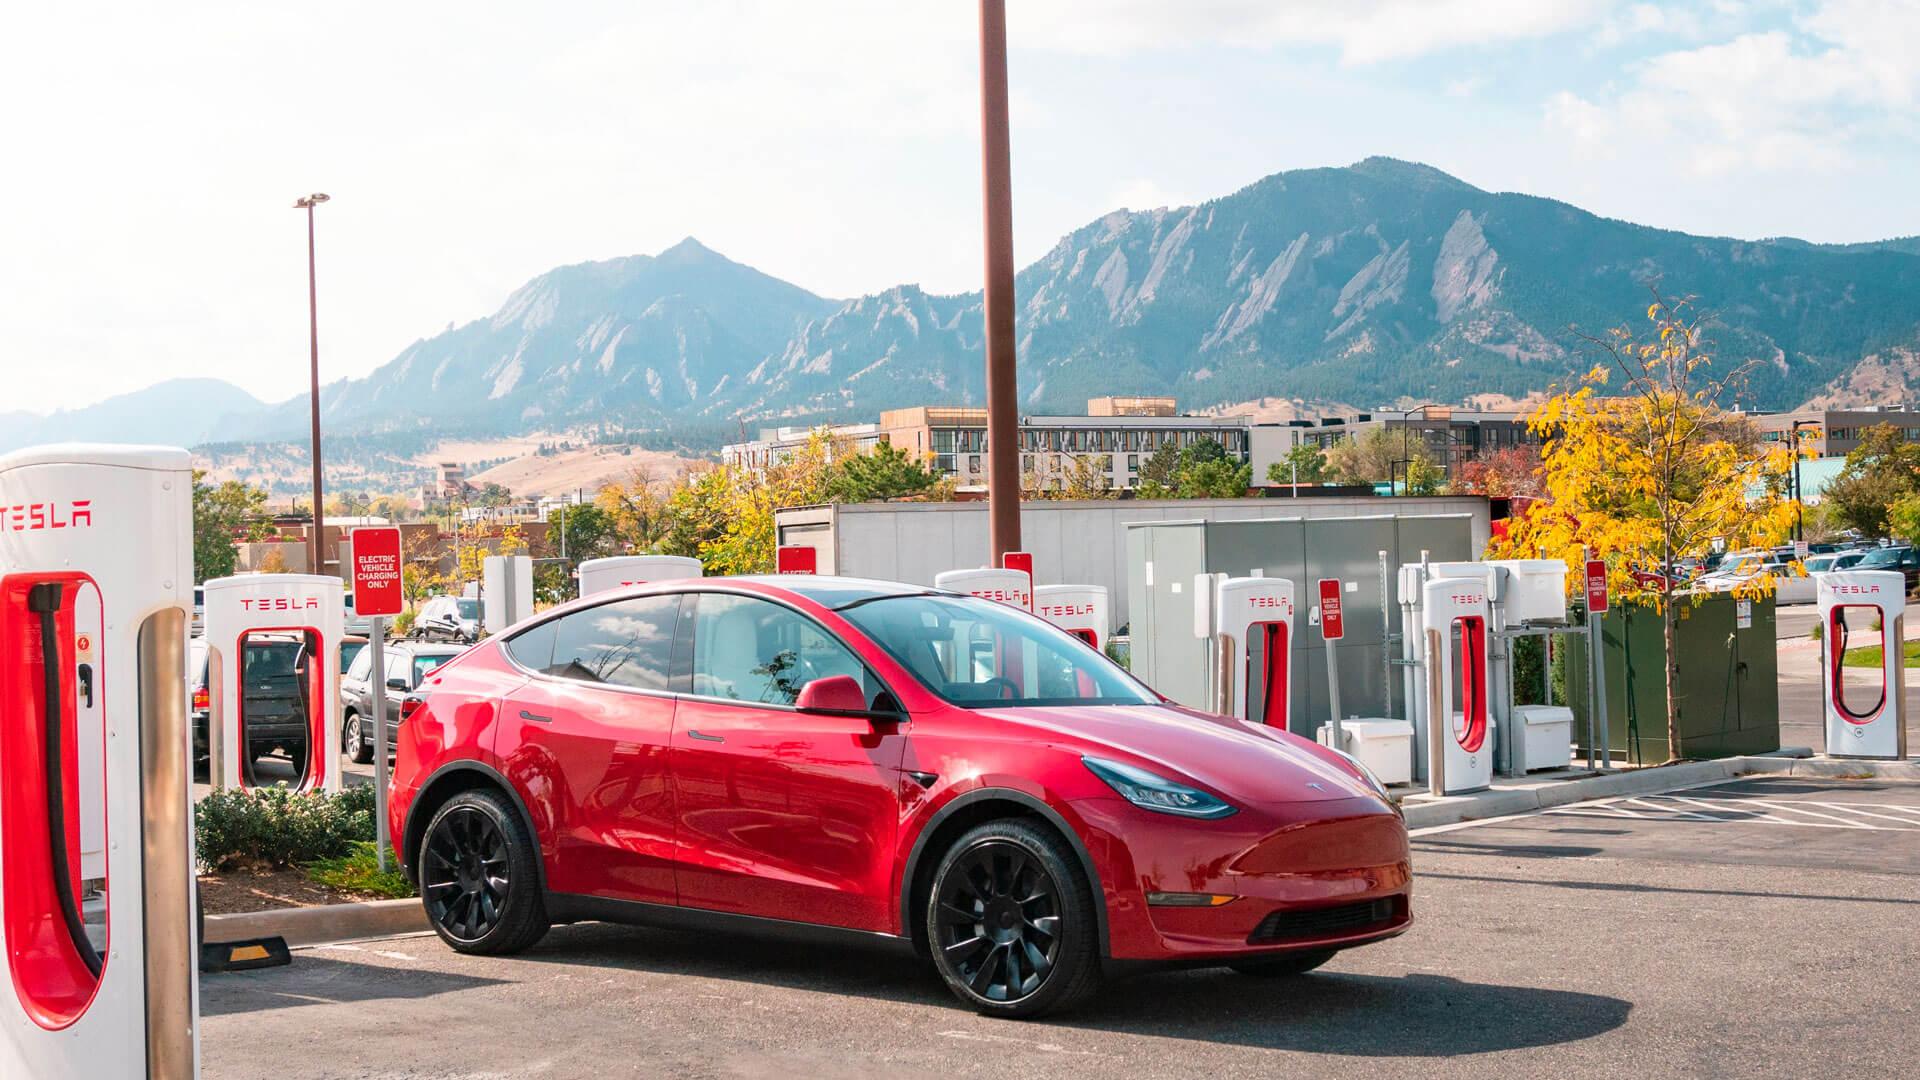 Tesla установила более 25 000 быстрых зарядных устройств Supercharger по всему миру